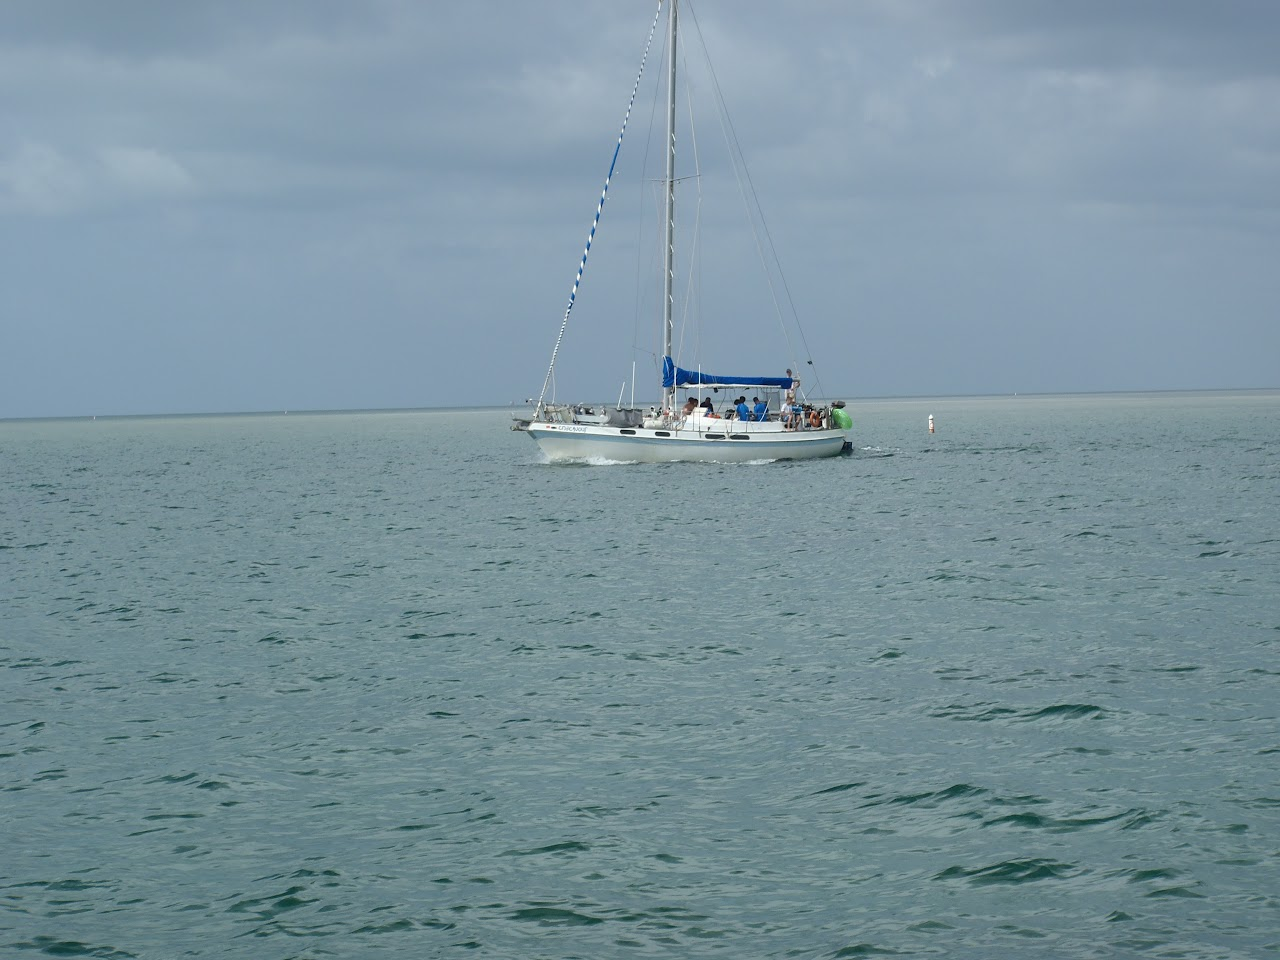 Seabase 2012 - P7280525.JPG